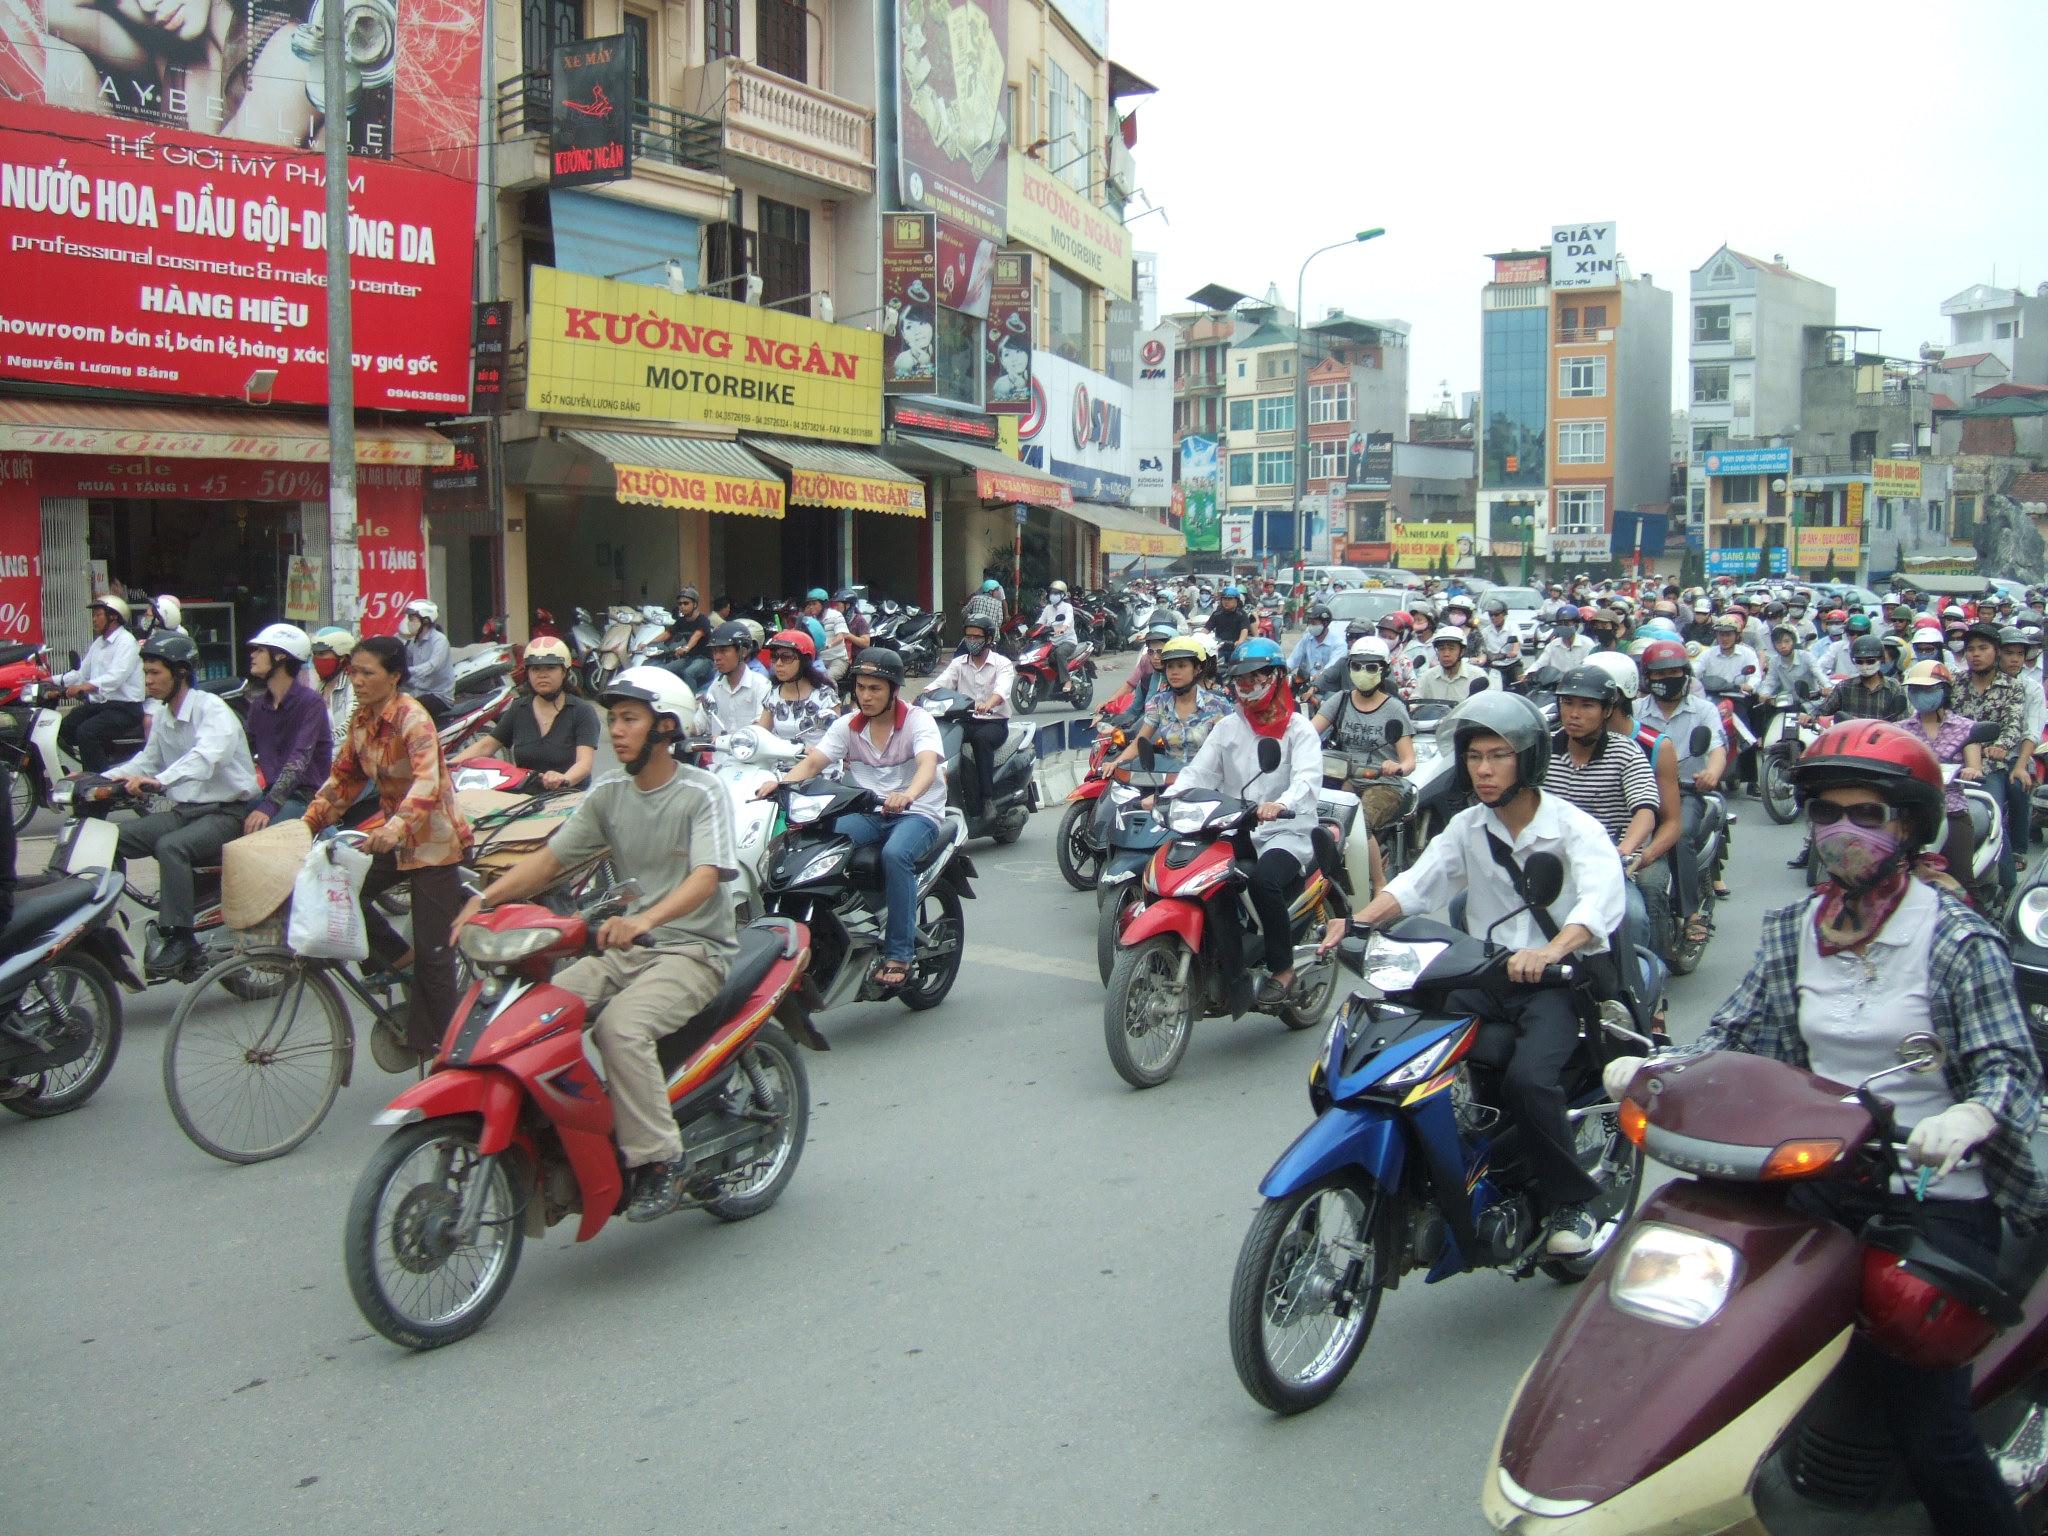 ベトナムへの物販は挑戦する価値があるか?